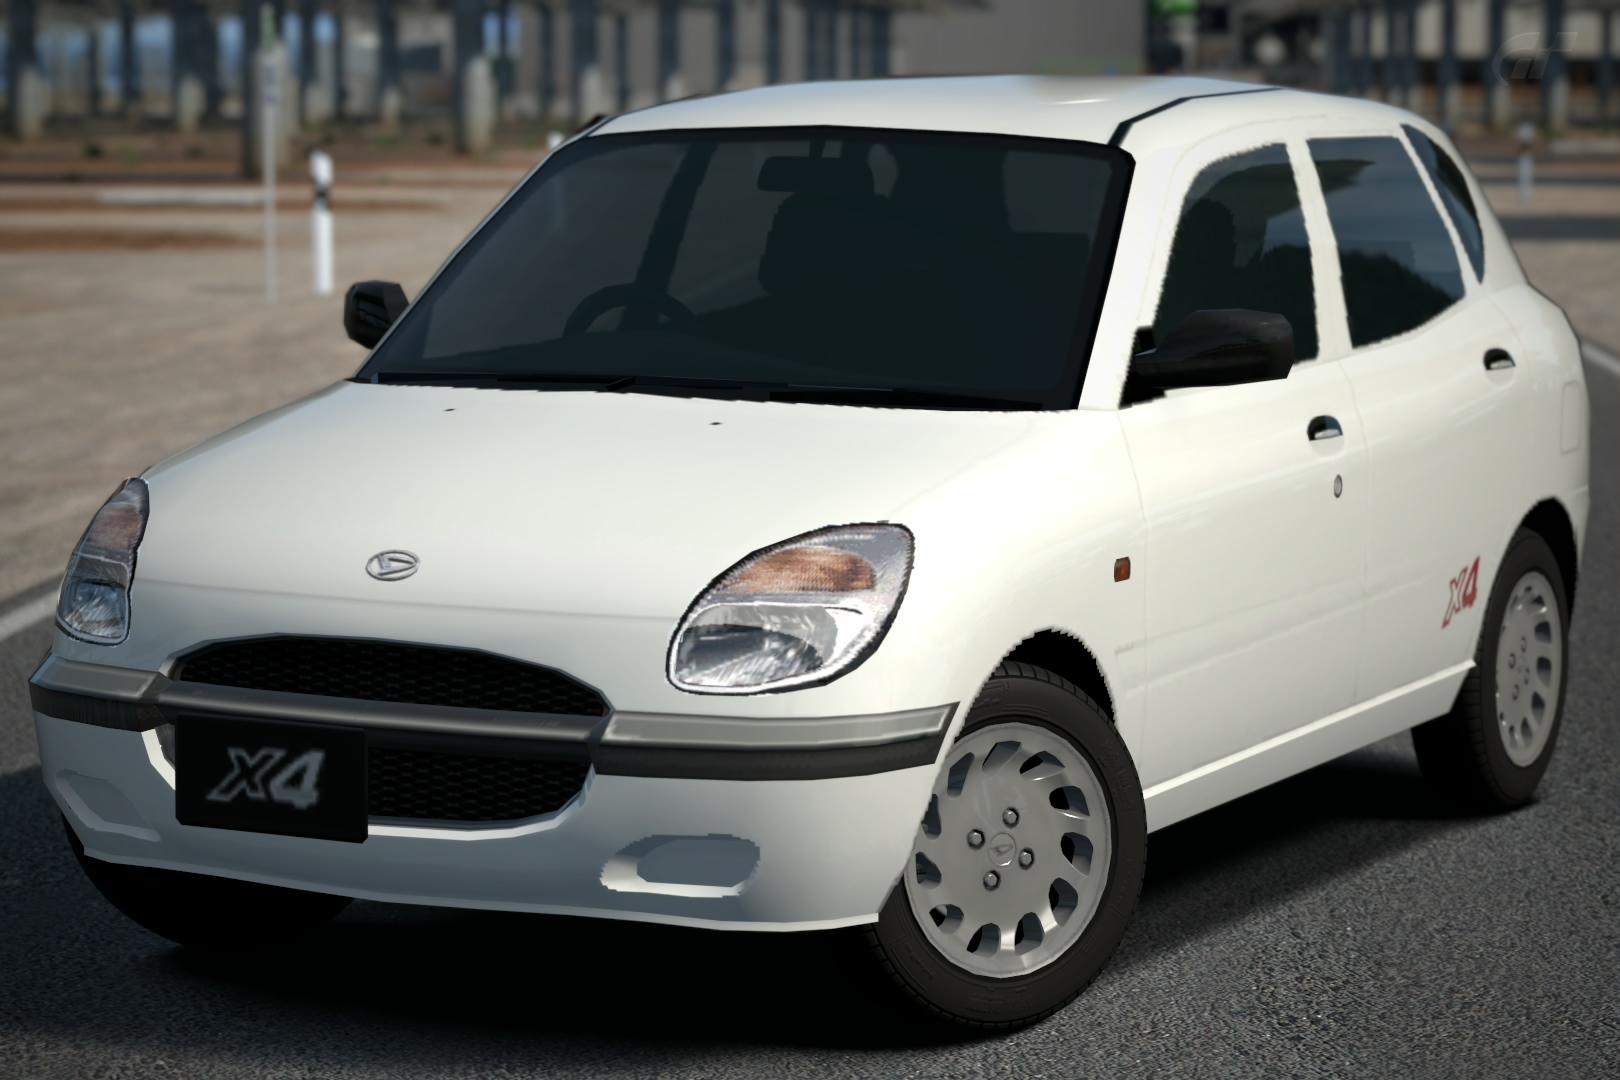 Daihatsu STORIA X4 '00